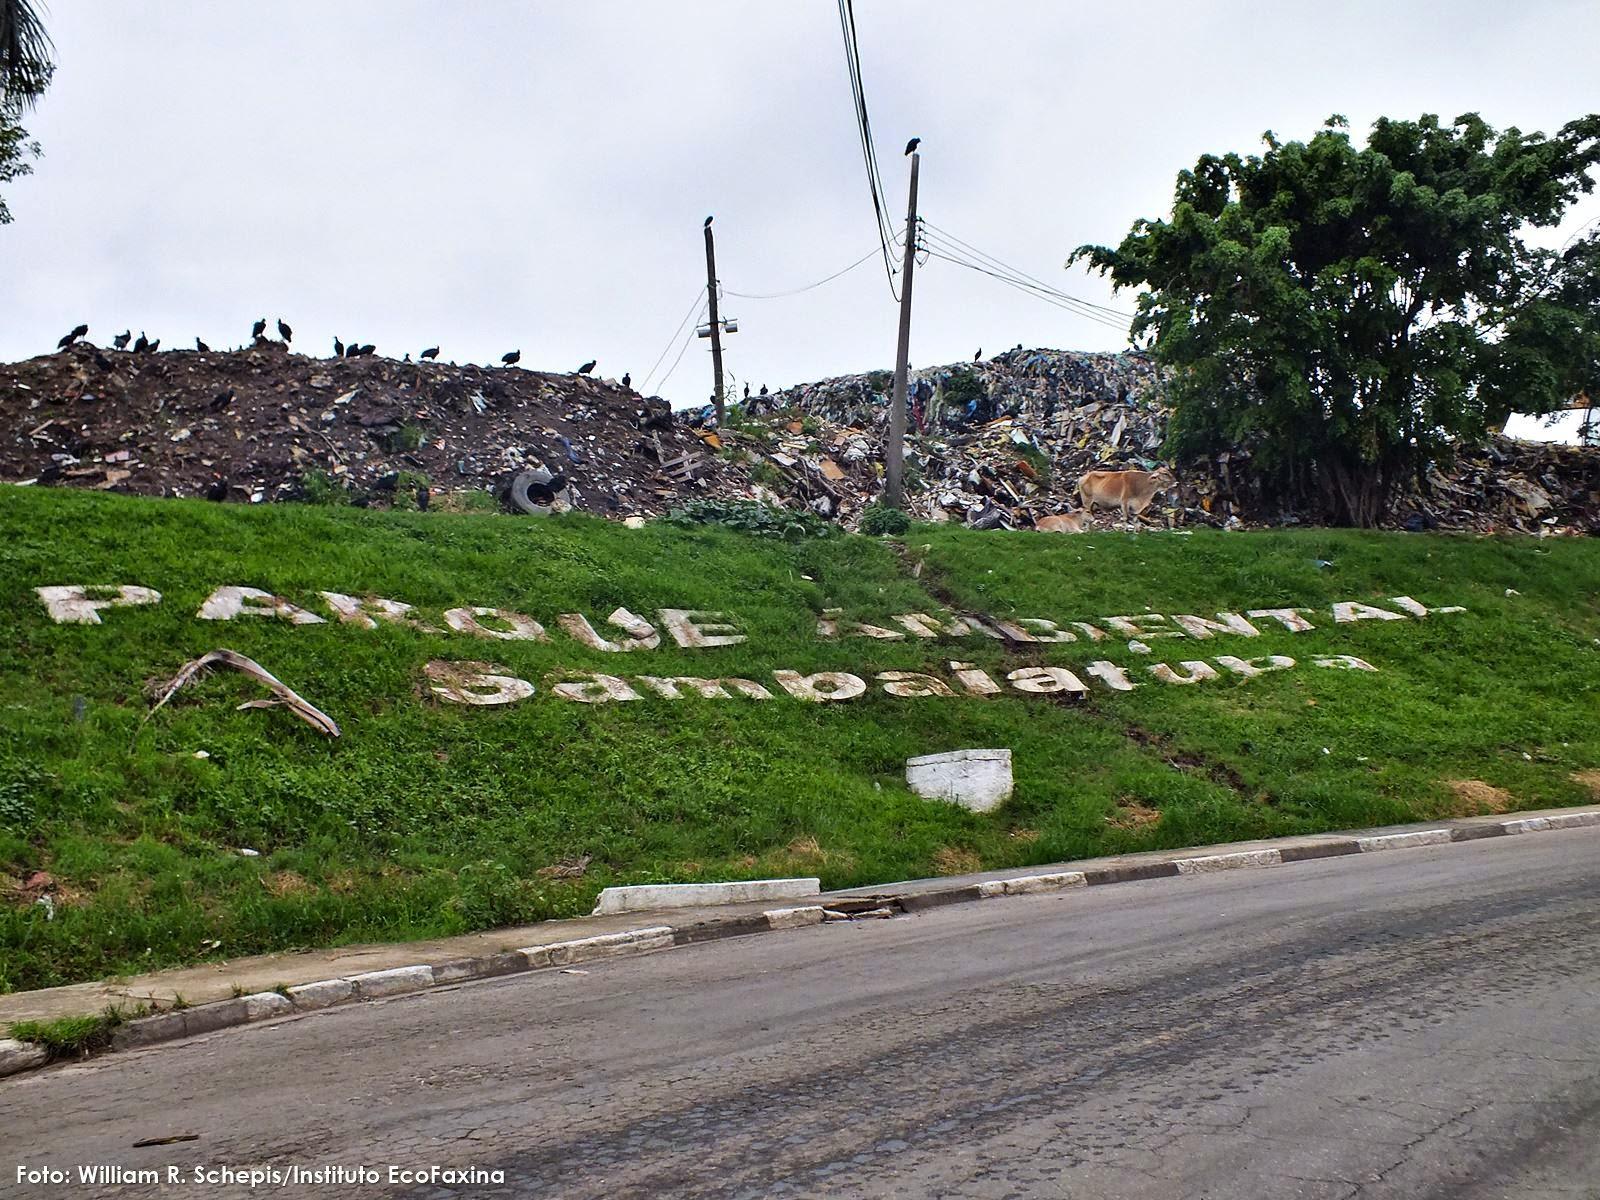 Entrada do Parque Ambiental Sambaiatuba, antigo lixão Sambaiatuba.